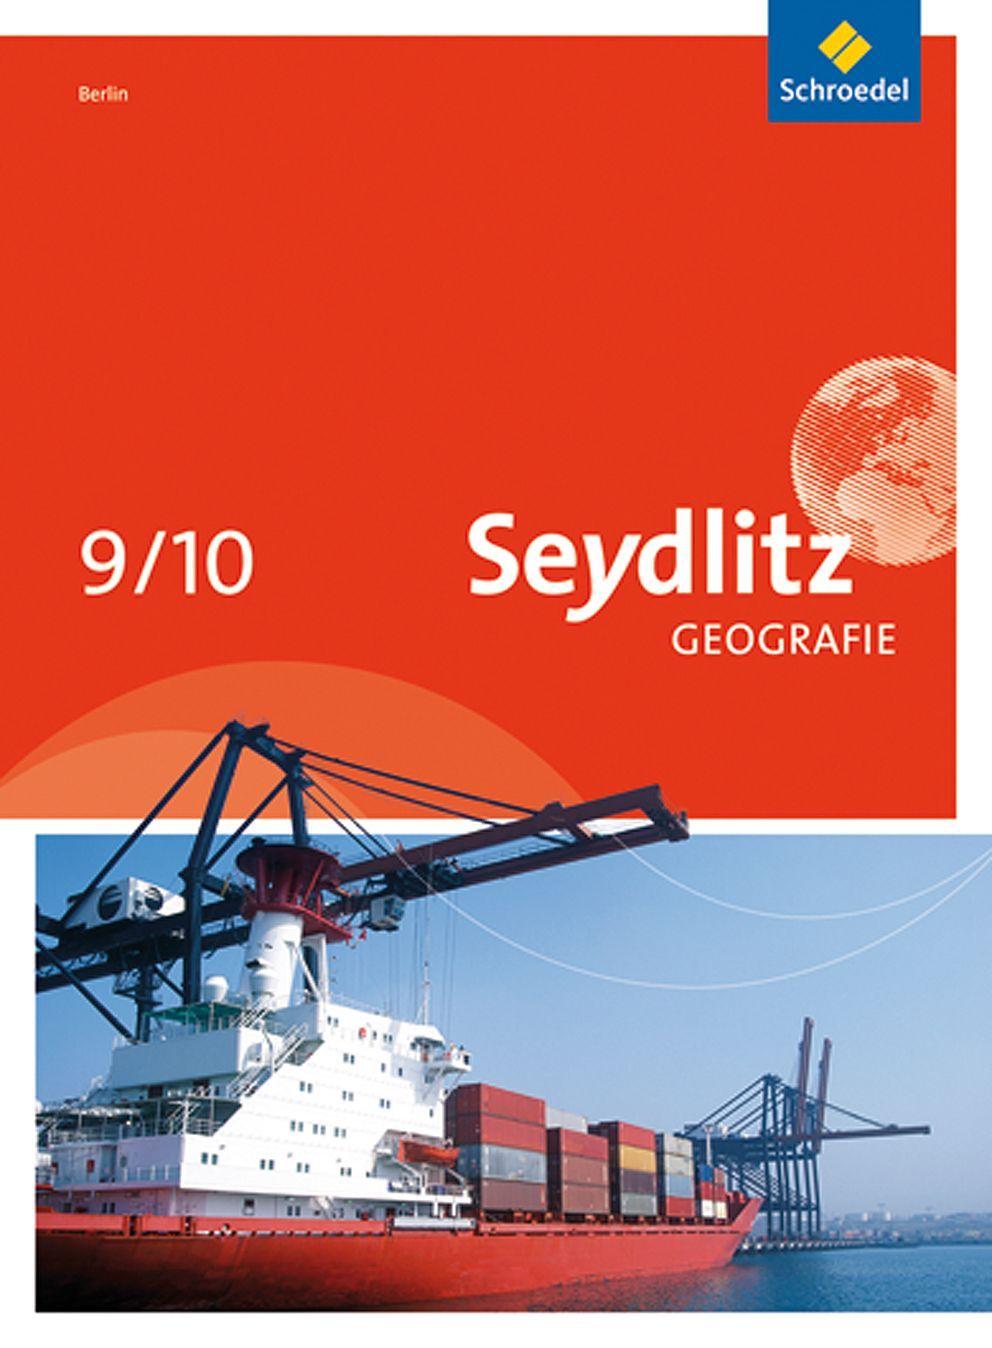 EINMALIGE VERWENDUNG Cover/ Seydlitz Geografie/ 9/10